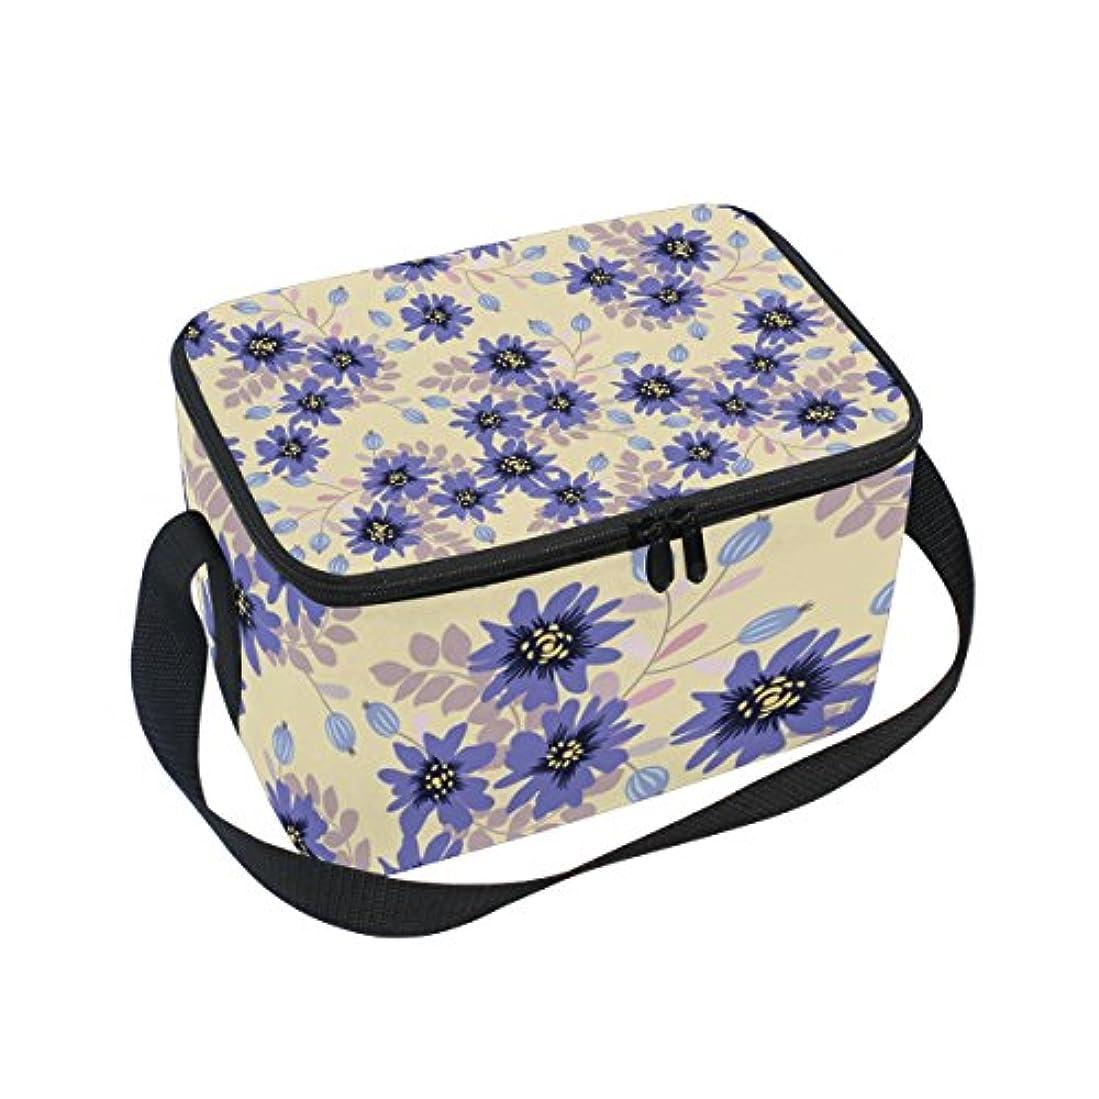 通常ワイヤー審判クーラーバッグ クーラーボックス ソフトクーラ 冷蔵ボックス キャンプ用品  紫花柄 薄い黄色背景 保冷保温 大容量 肩掛け お花見 アウトドア